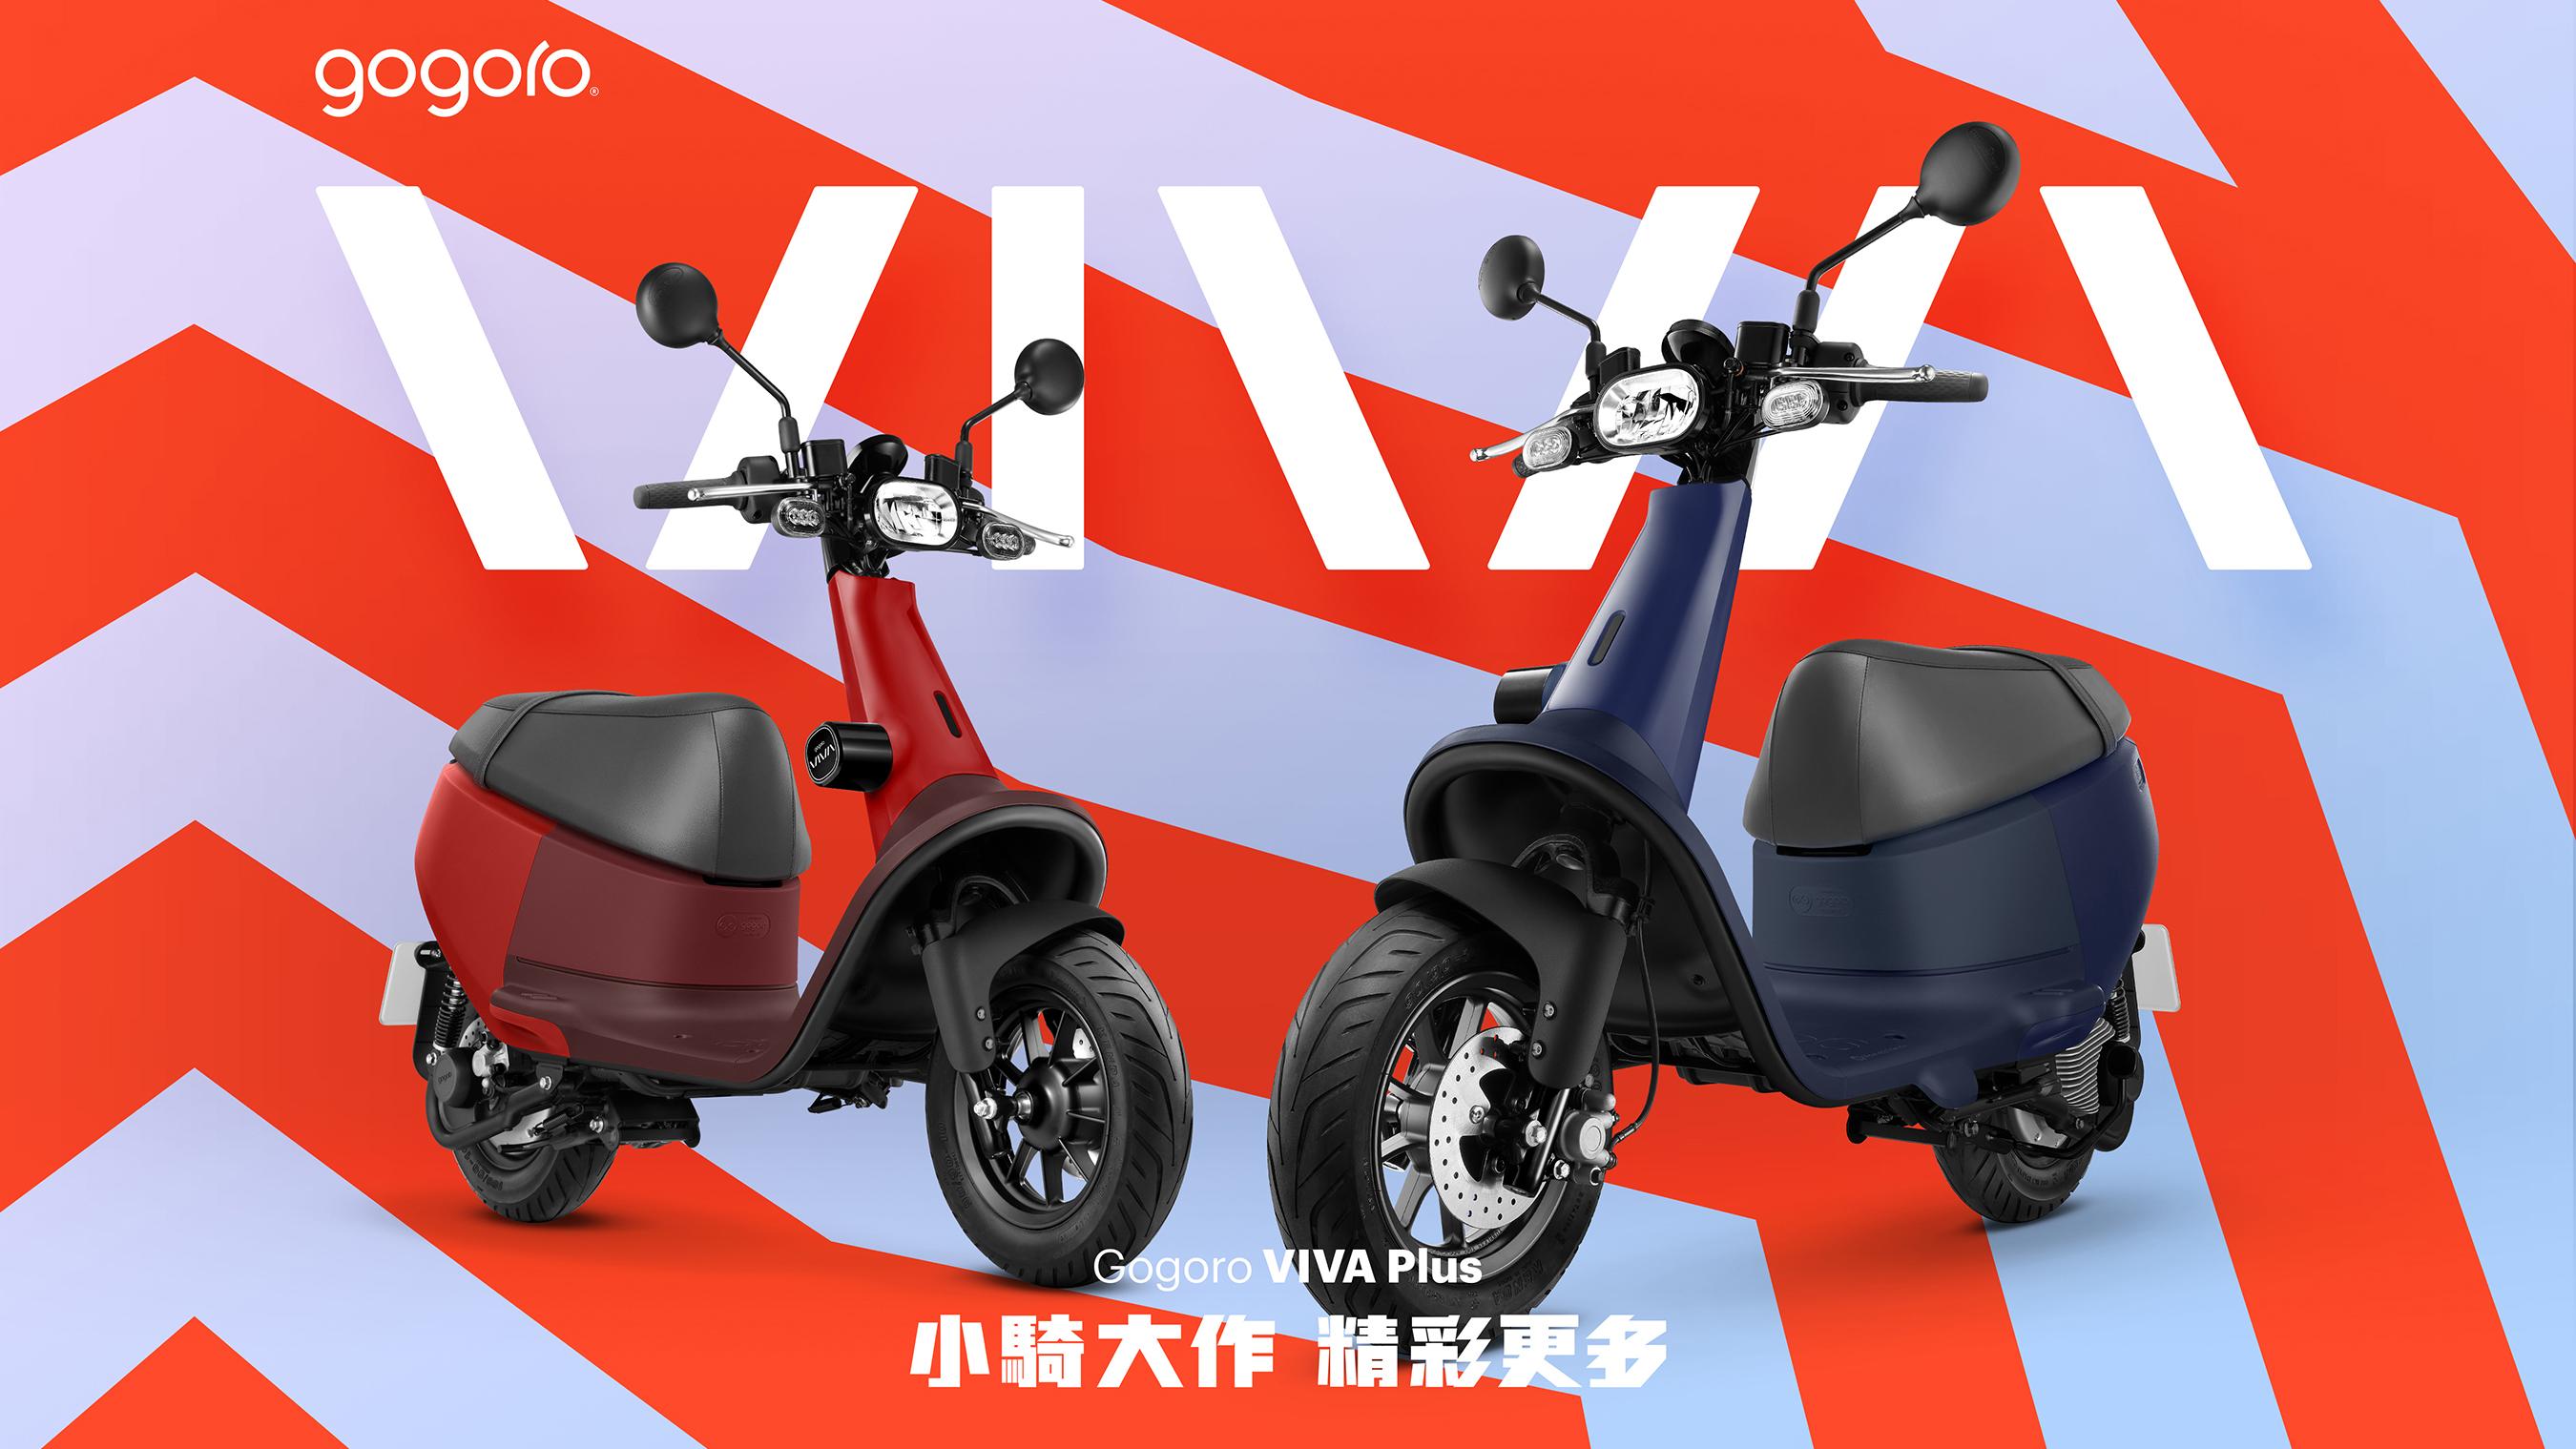 Gogoro VIVA Plus 扭力增強新登場!VIVA 系列最高送 3,000 購車金,最低三萬元有找?